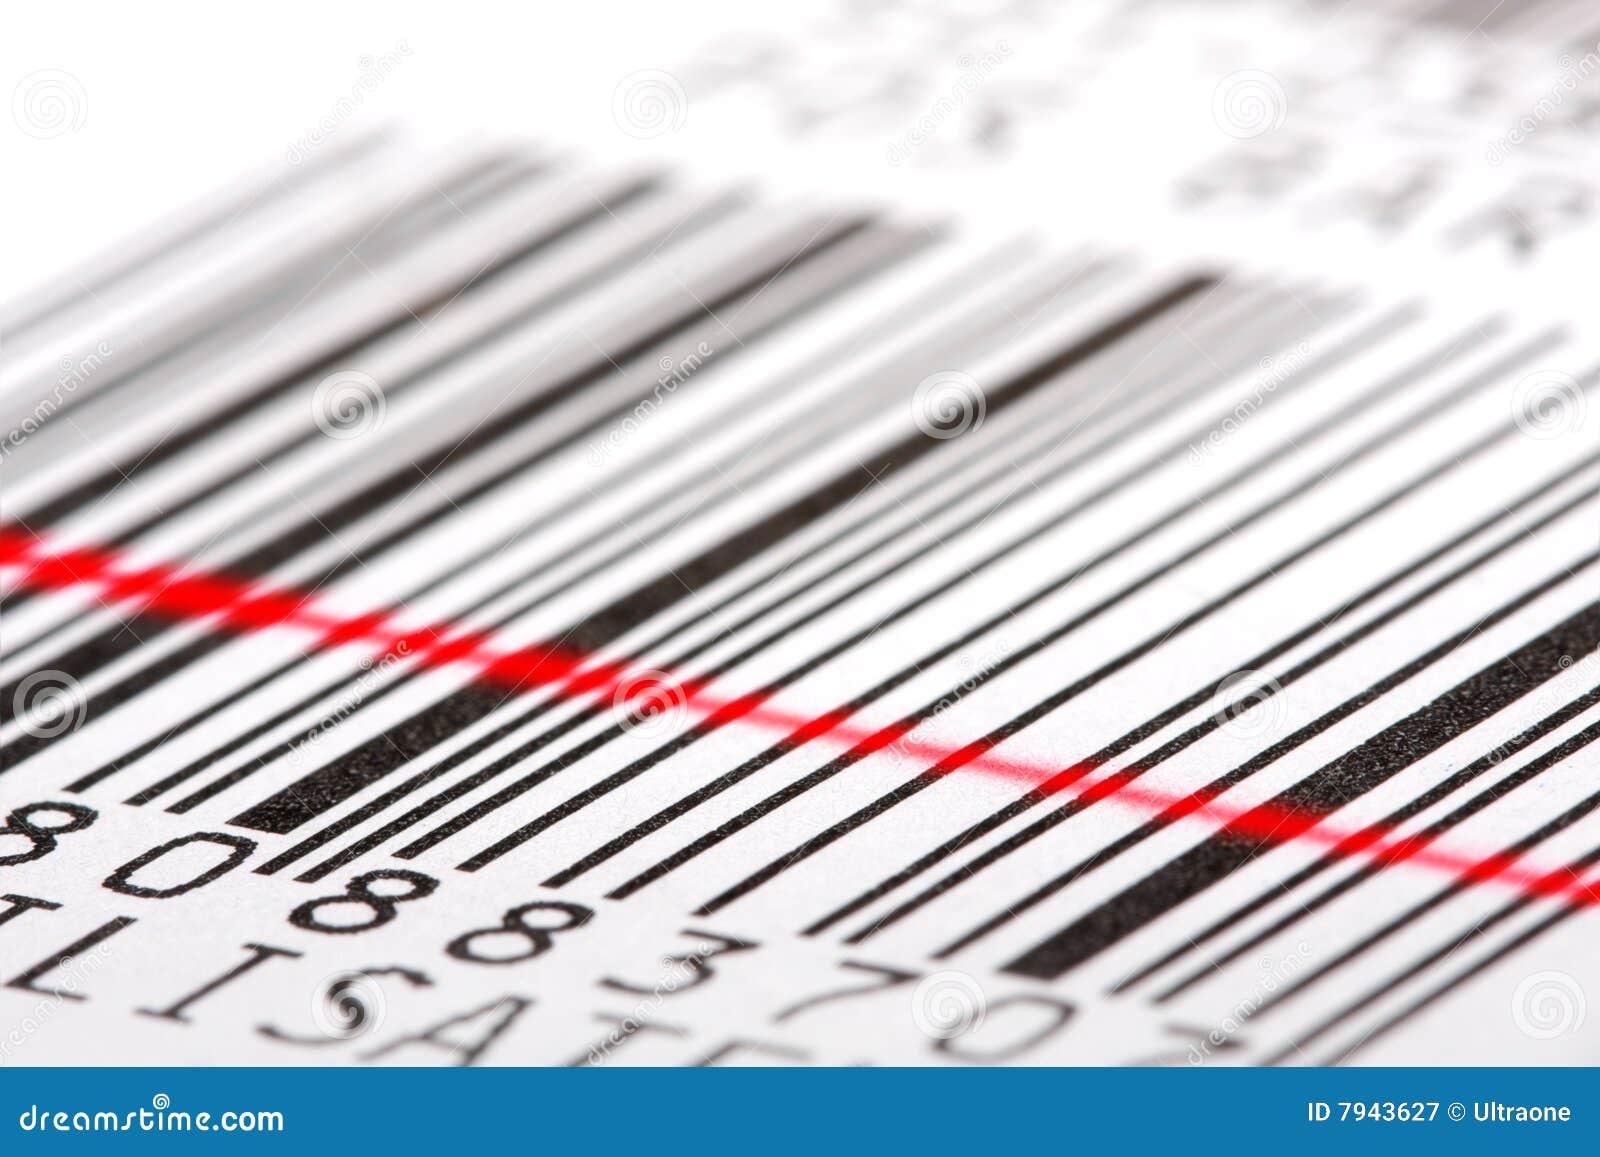 Etiqueta de código de barras.